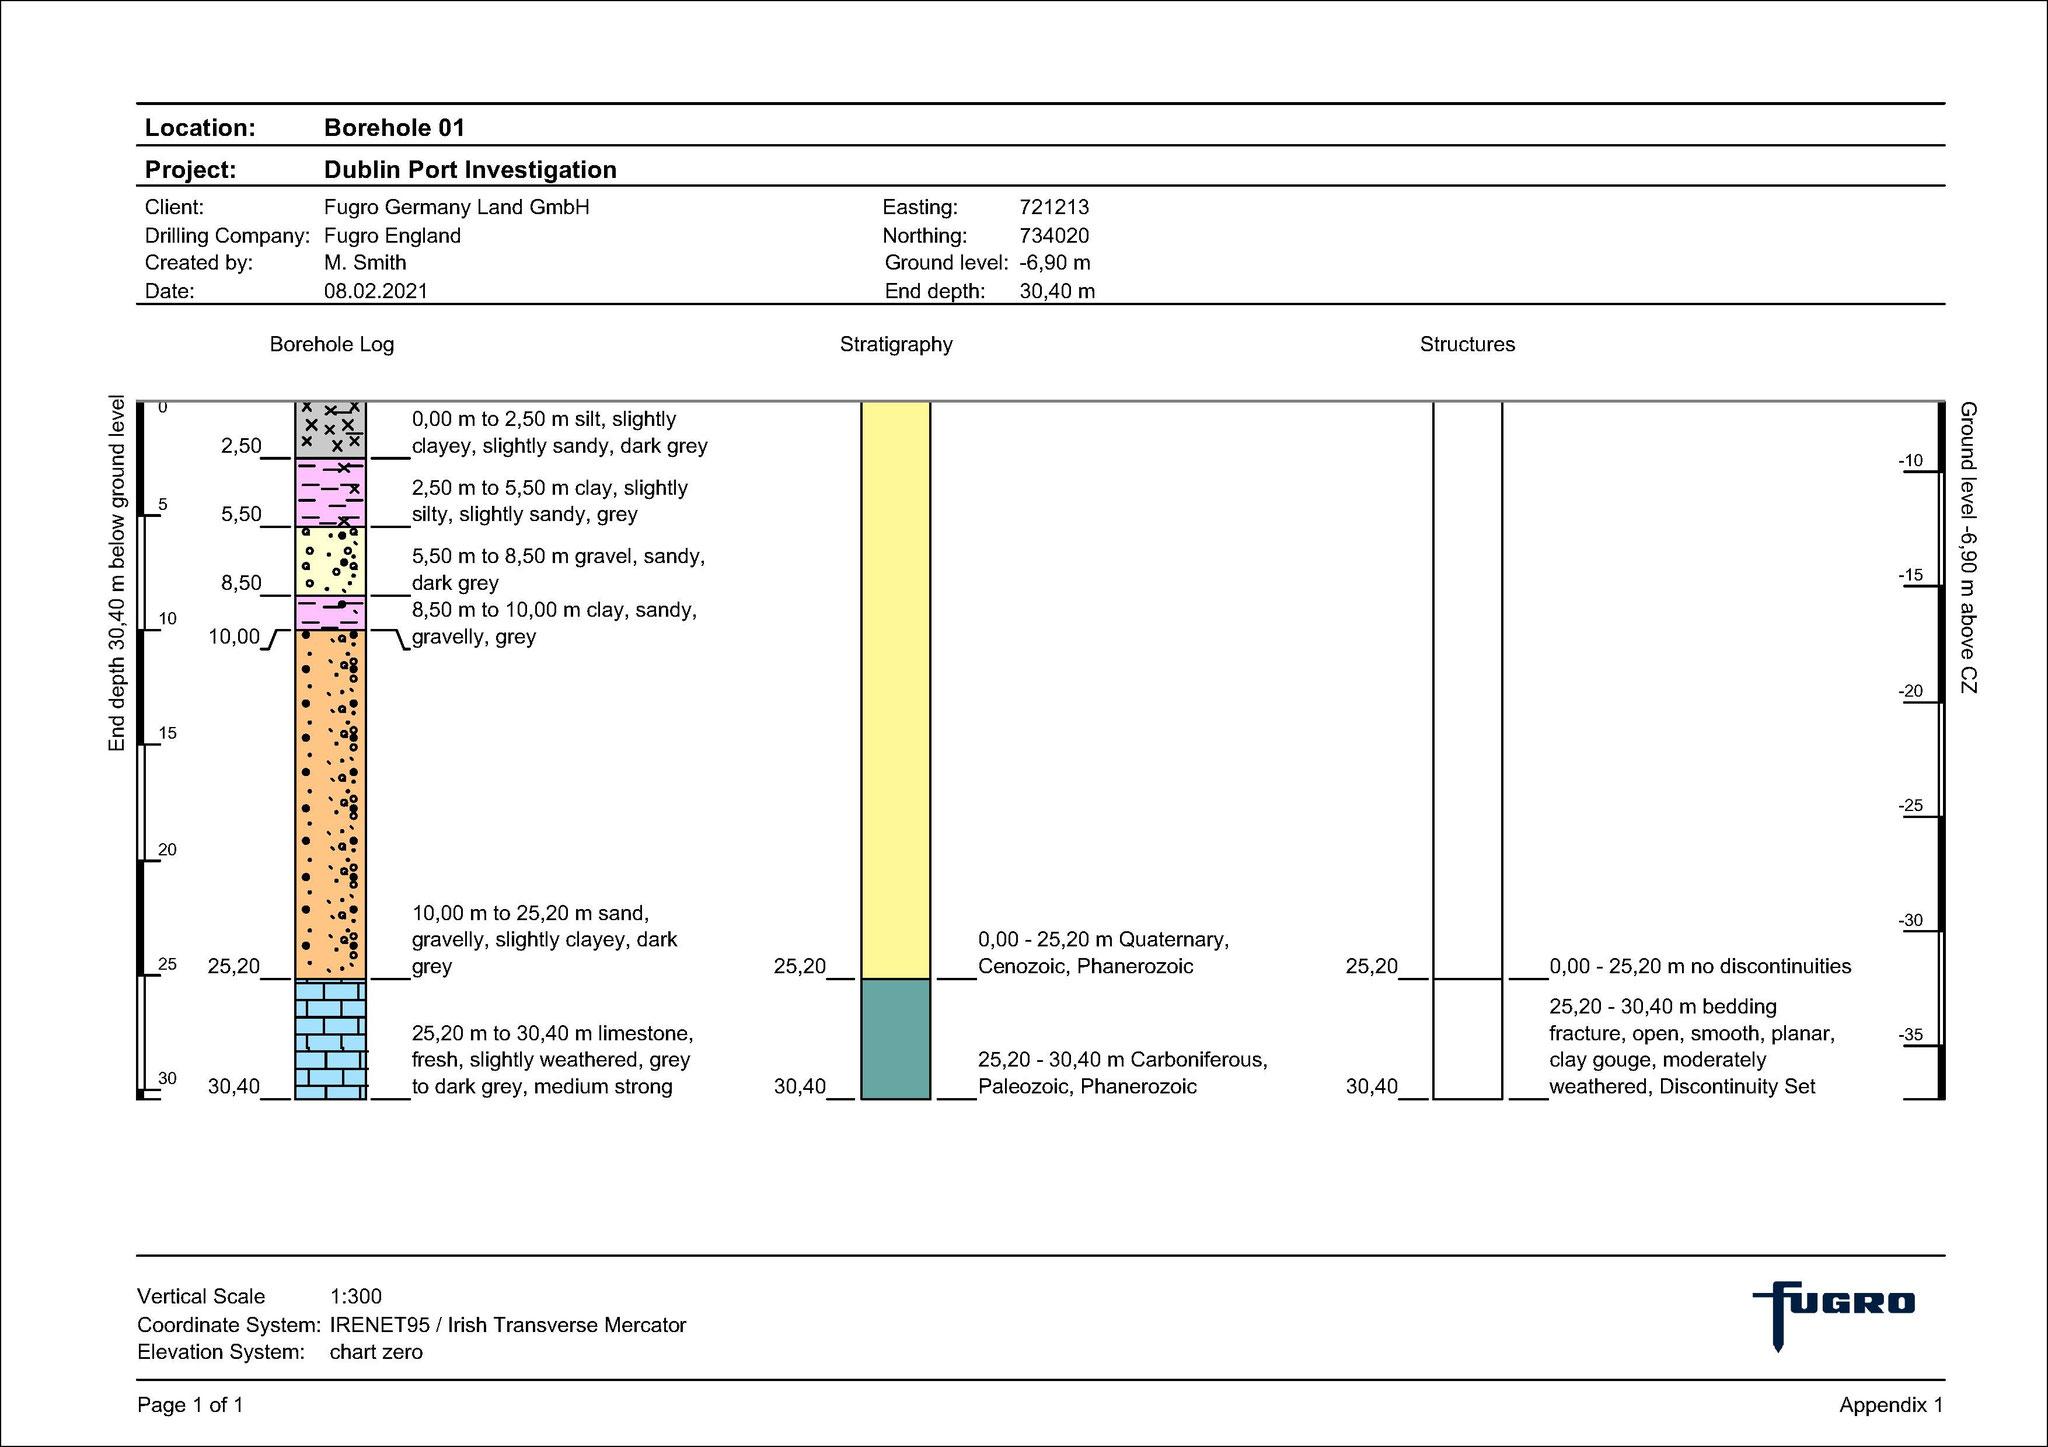 GeODin-Layout zur Darstellung von Schichtdaten, Stratigraphie und Trennflächen